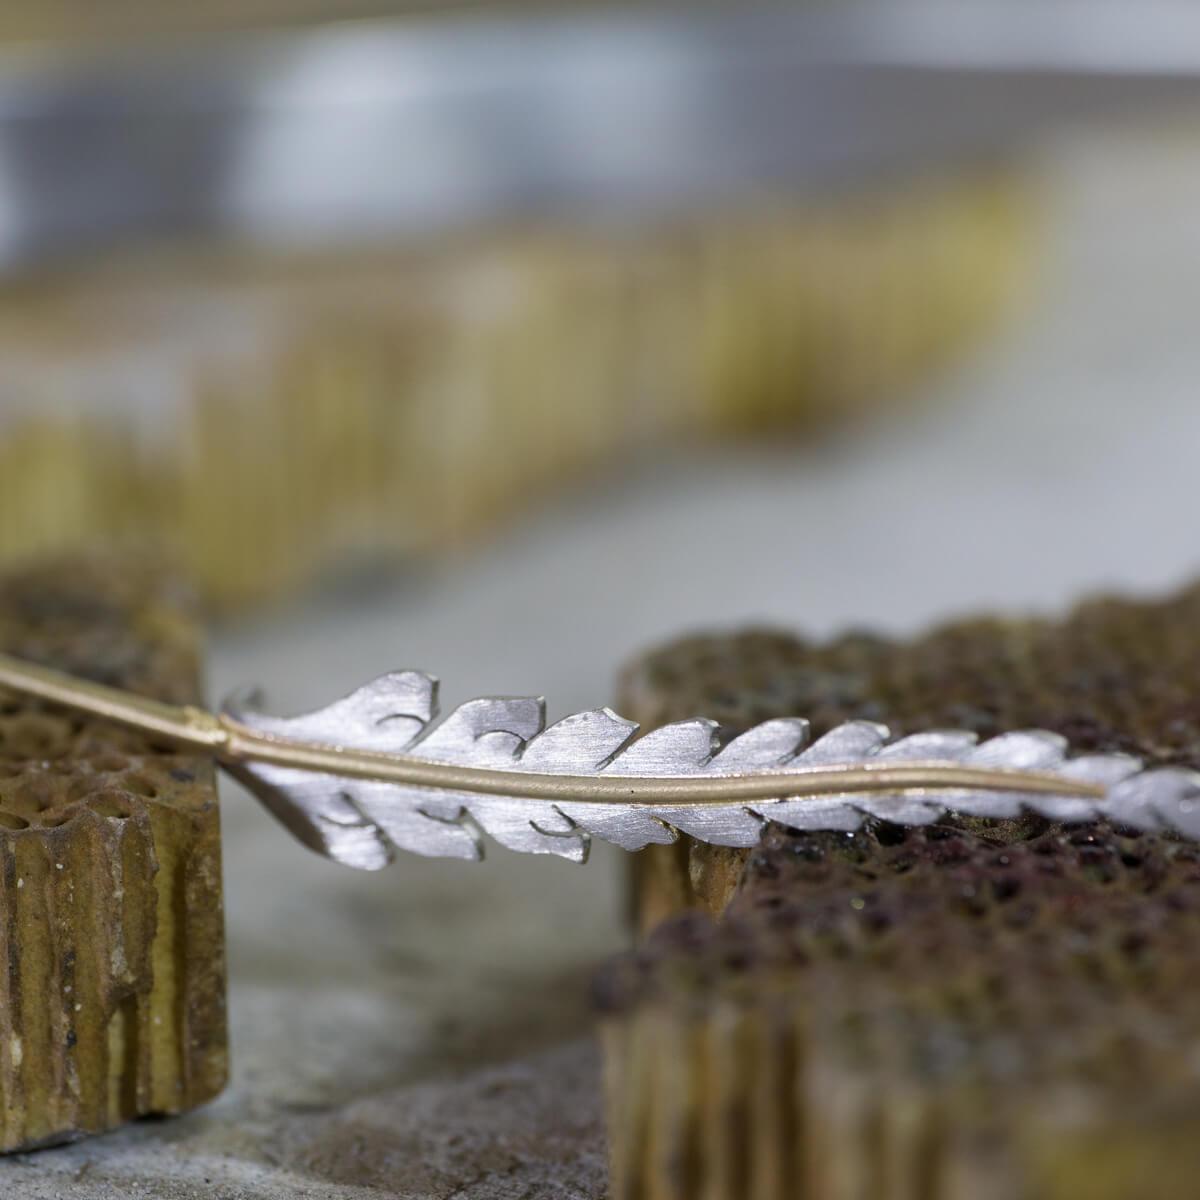 オーダーメイドエンゲージリングの制作風景 ジュエリーのアトリエ 屋久島のシダモチーフ プラチナ、ゴールド 屋久島でつくる婚約指輪